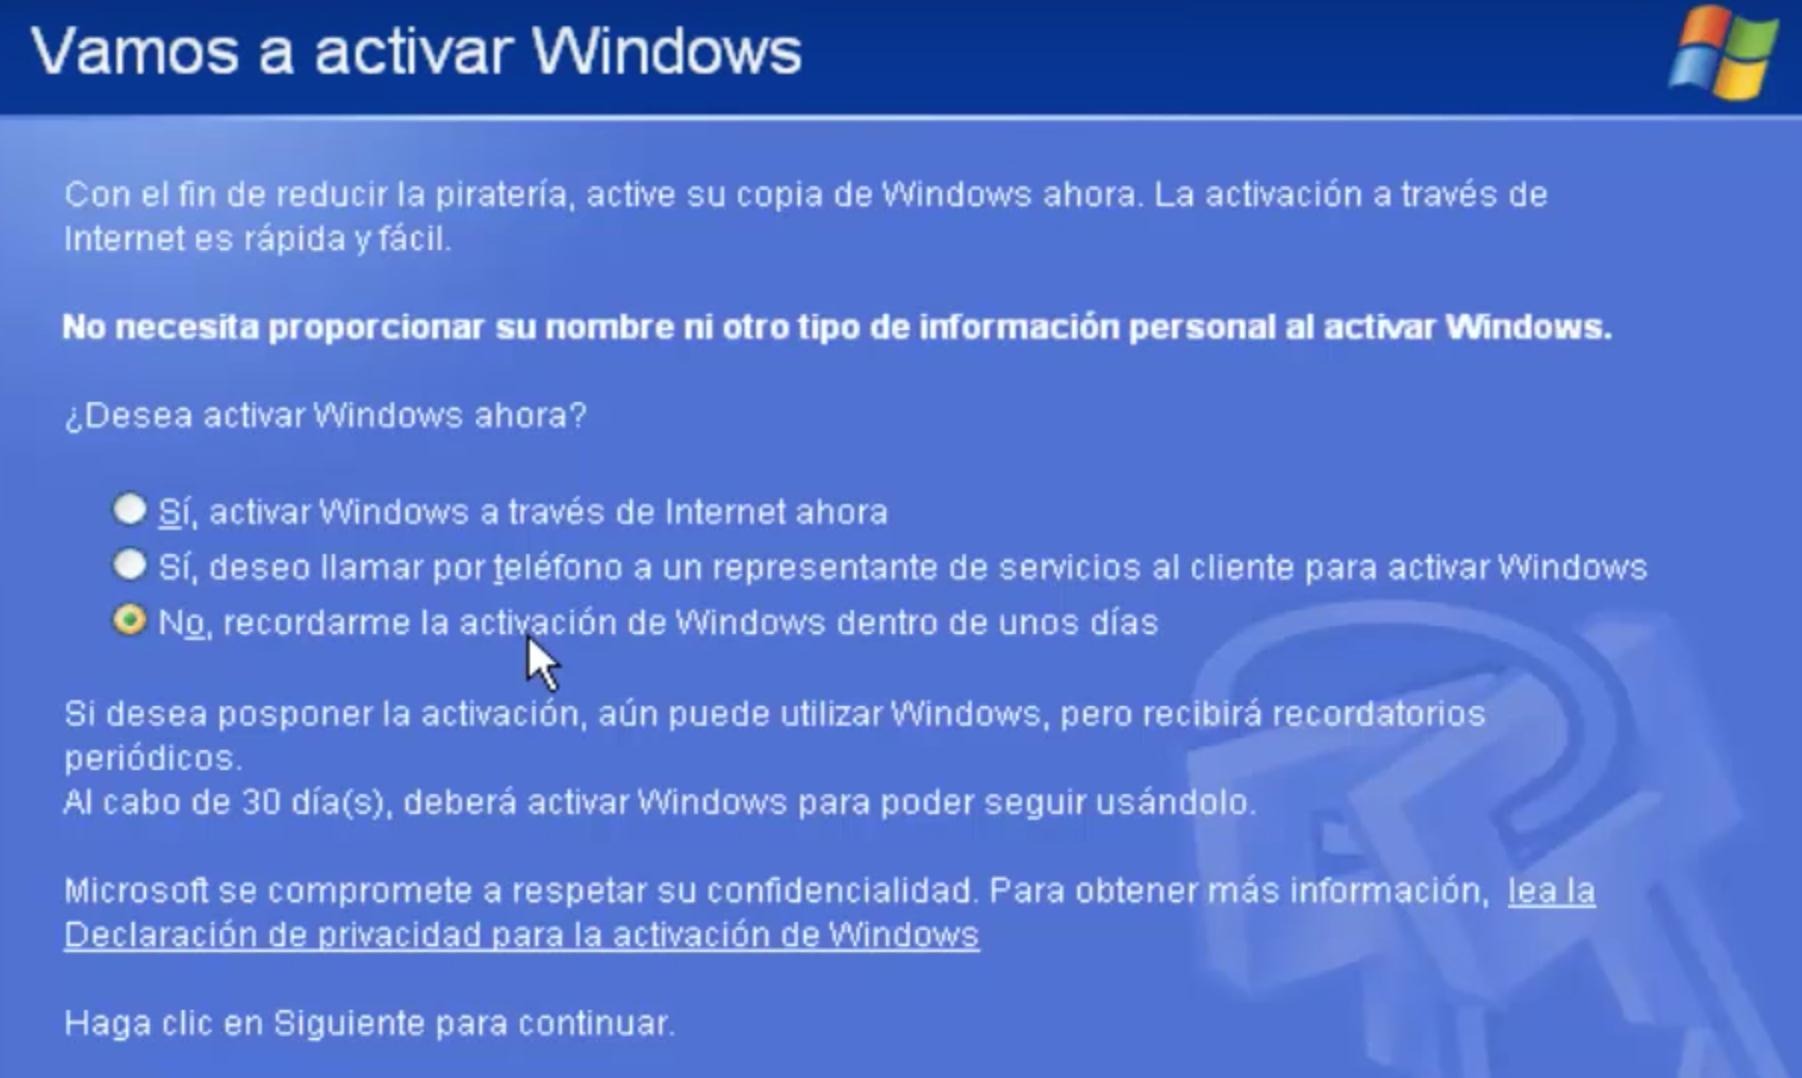 Contiúa con el proceso para Activar Windows XP. Presiona en Recordar Luego.